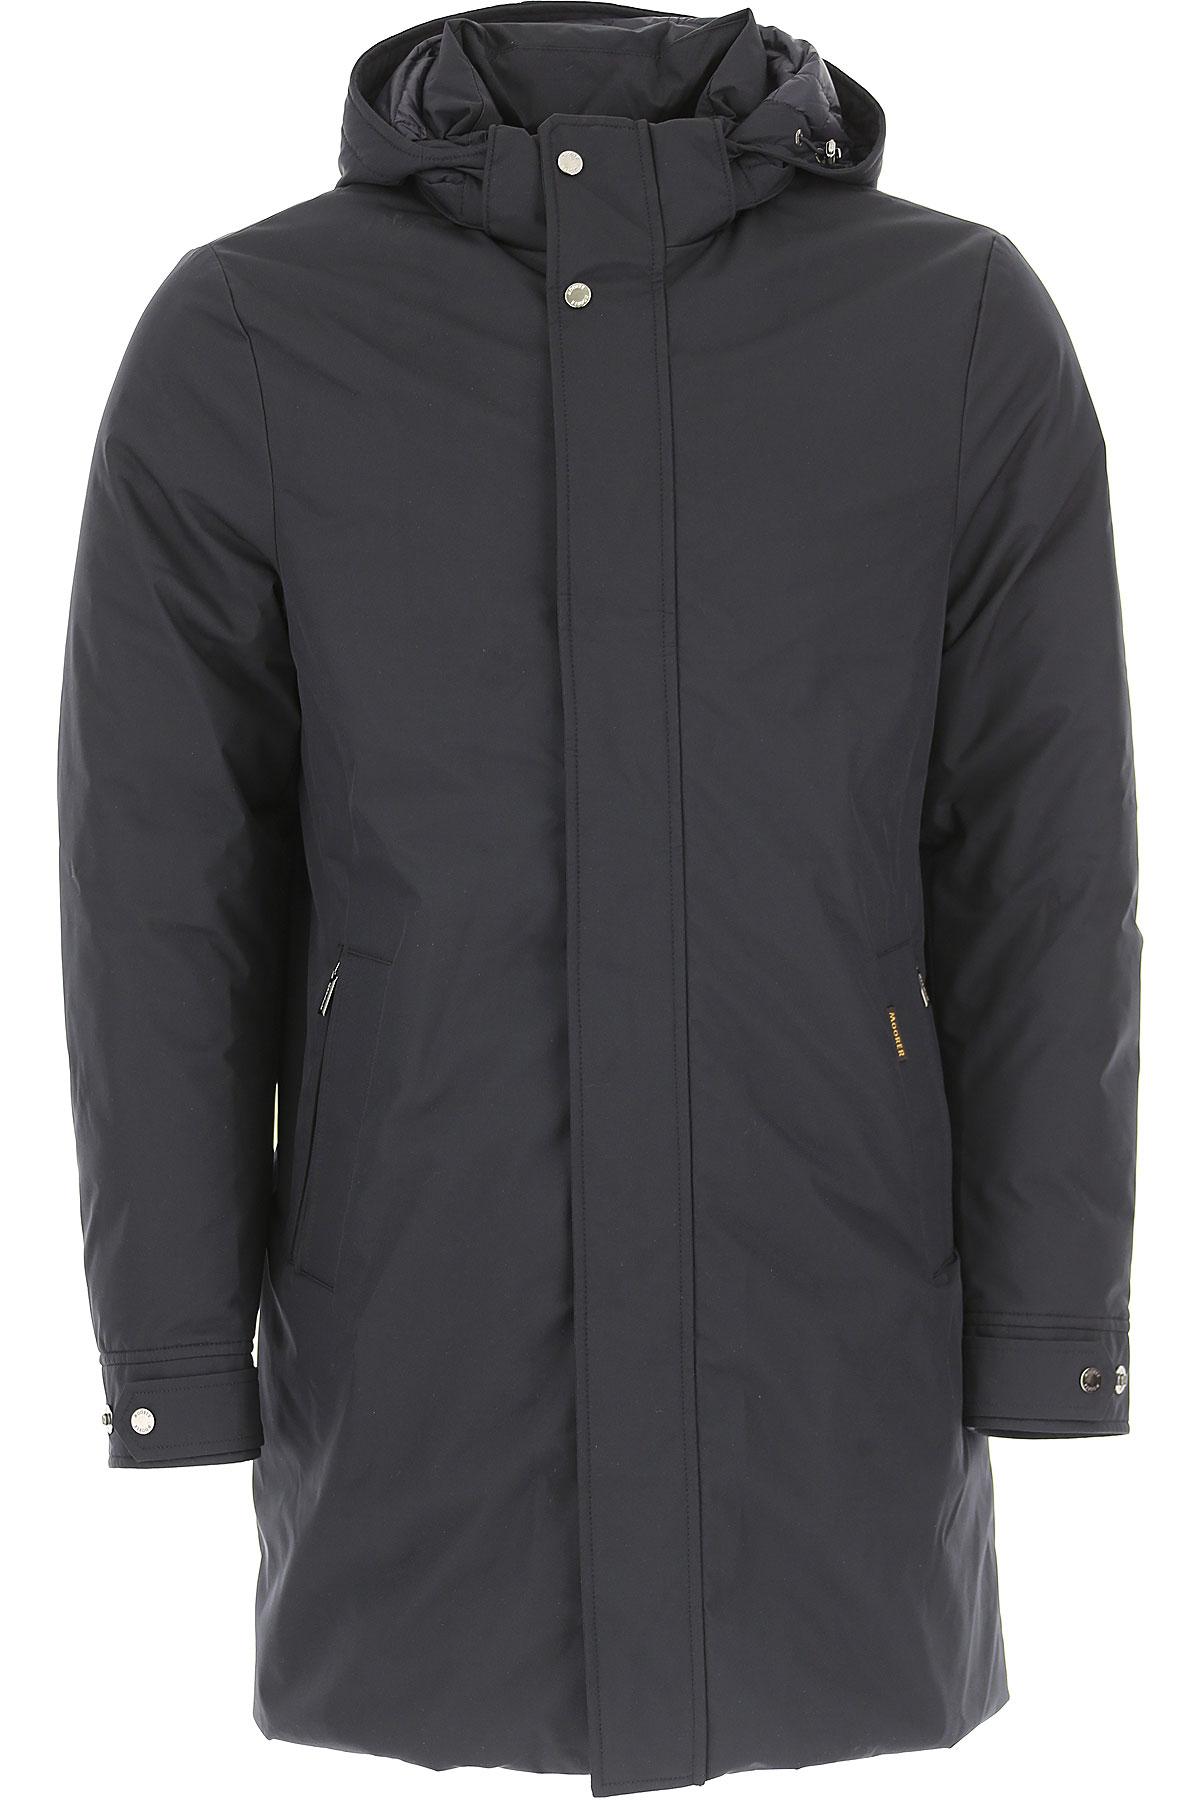 Image of Moorer Down Jacket for Men, Puffer Ski Jacket, Blue Navy, polyester, 2017, L M